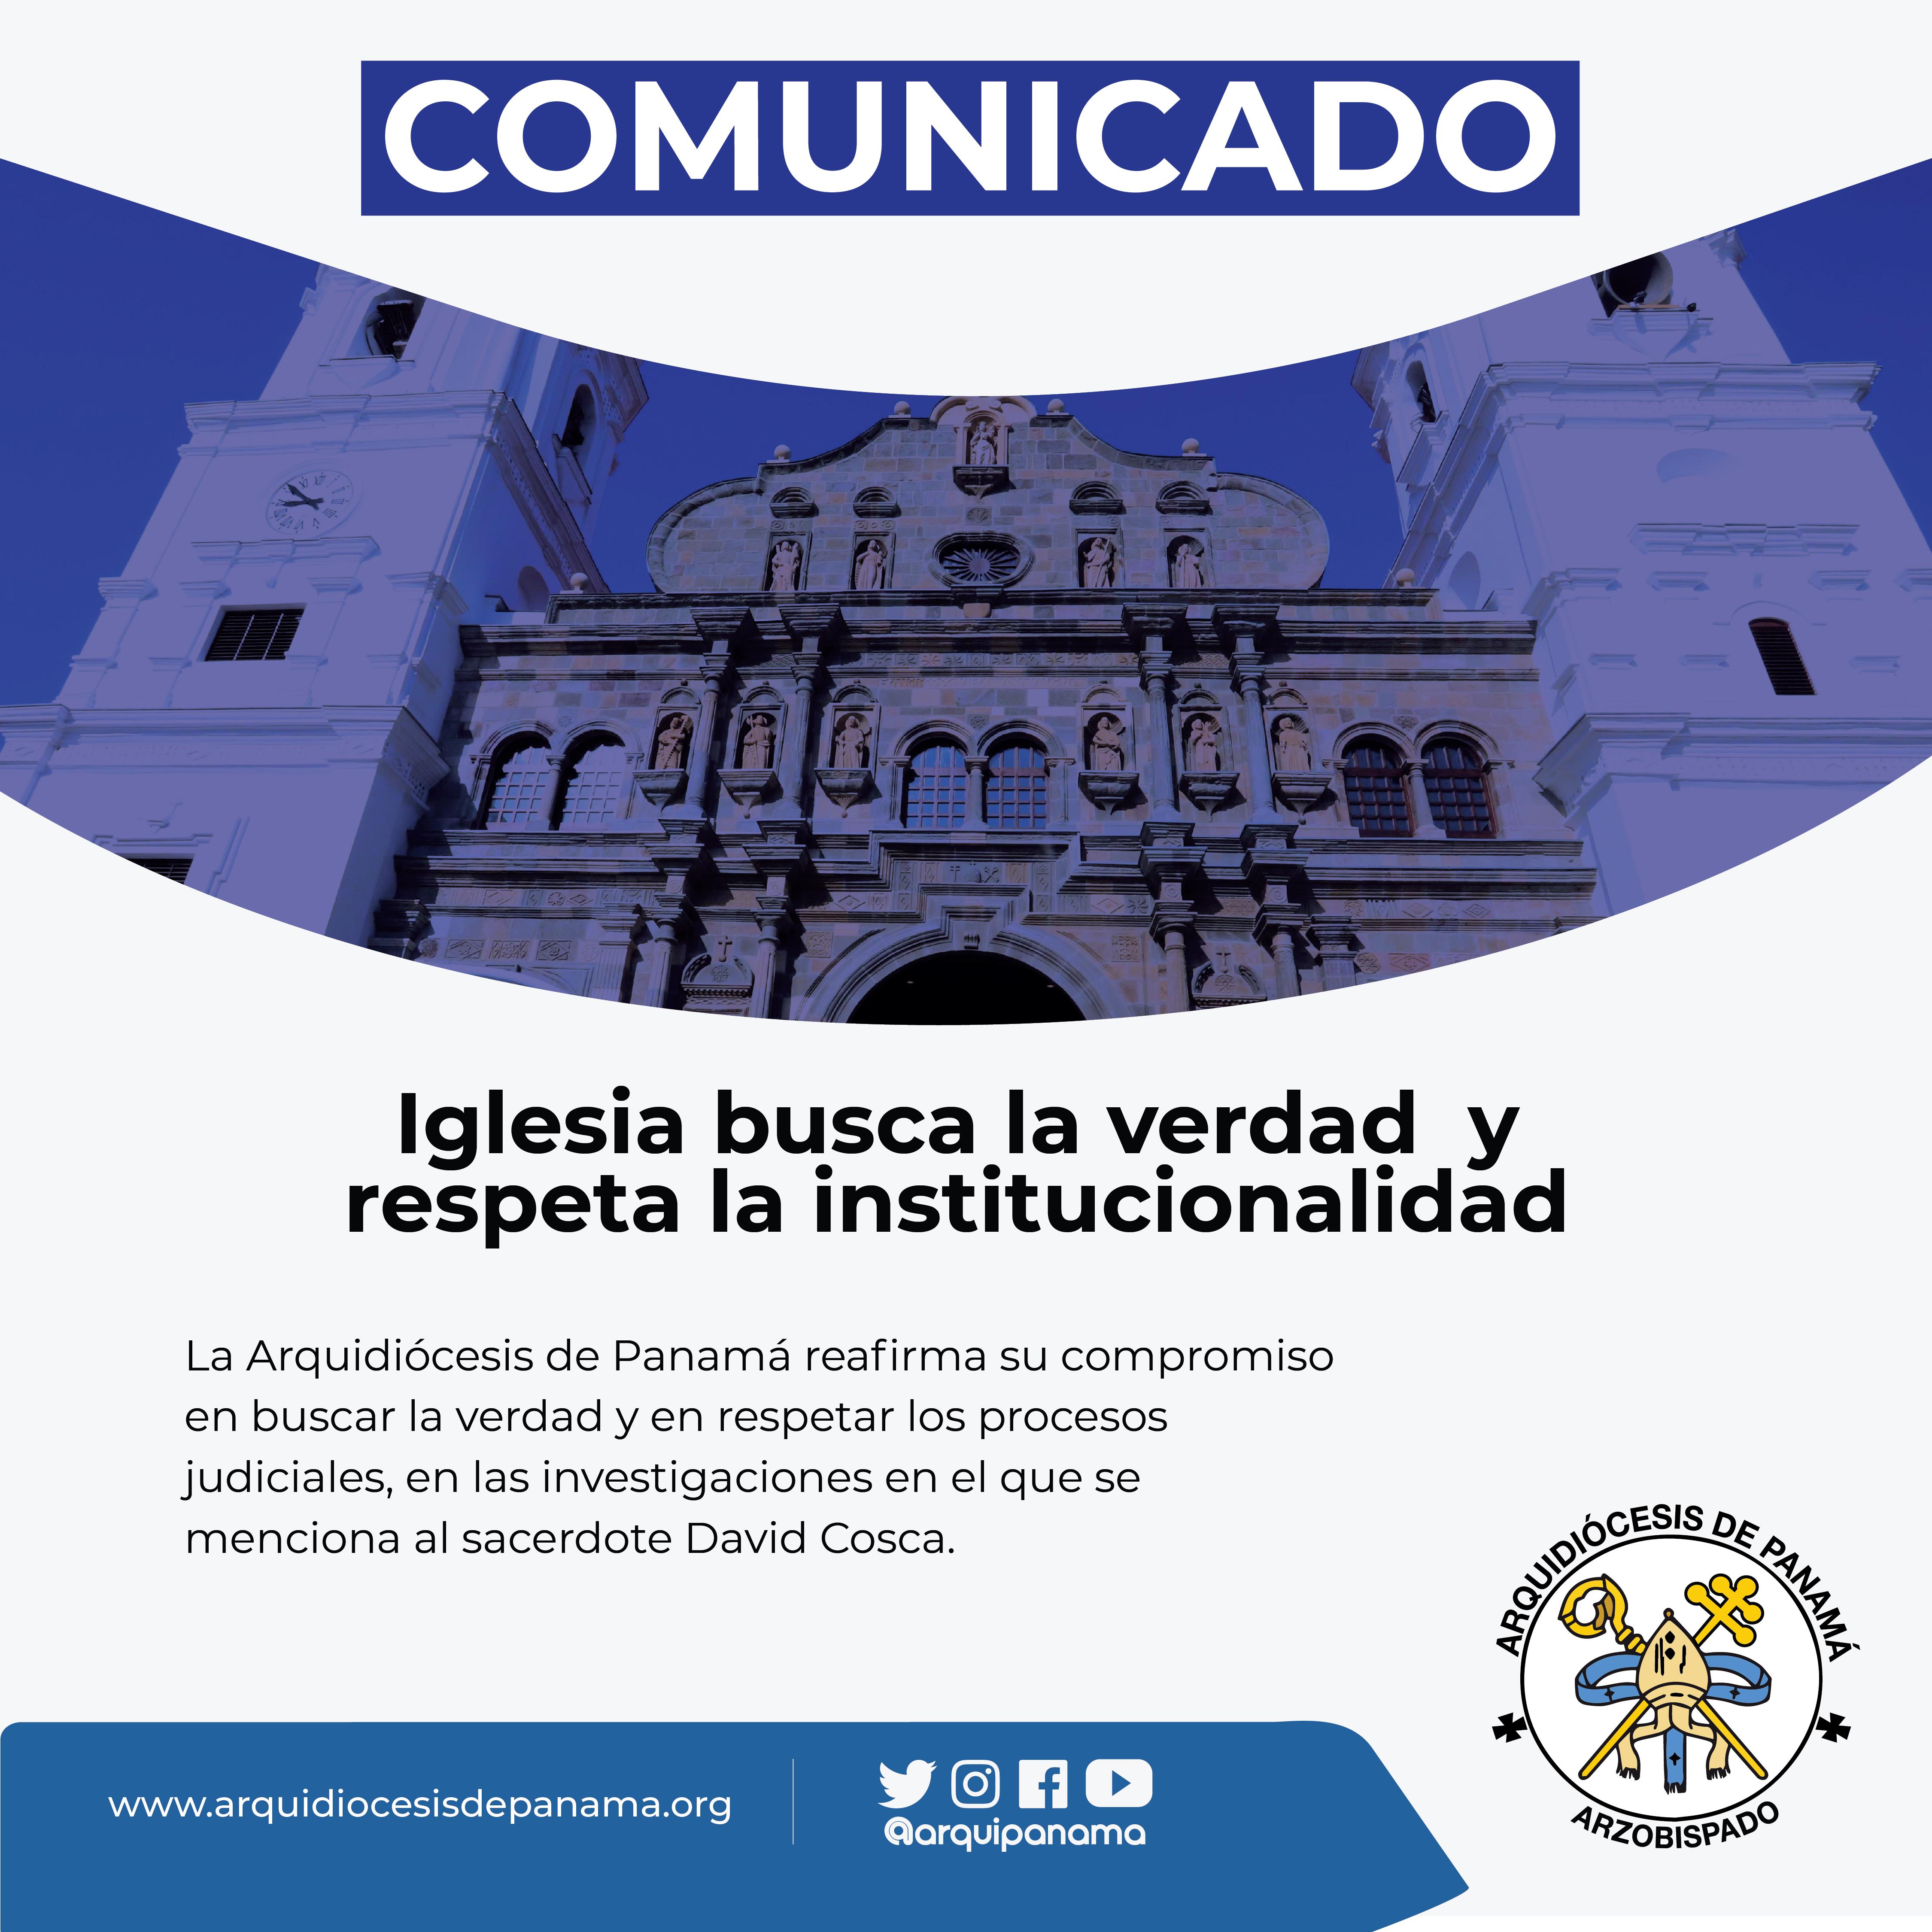 COMUNICADO: Iglesia busca la verdad y respeta la institucionalidad